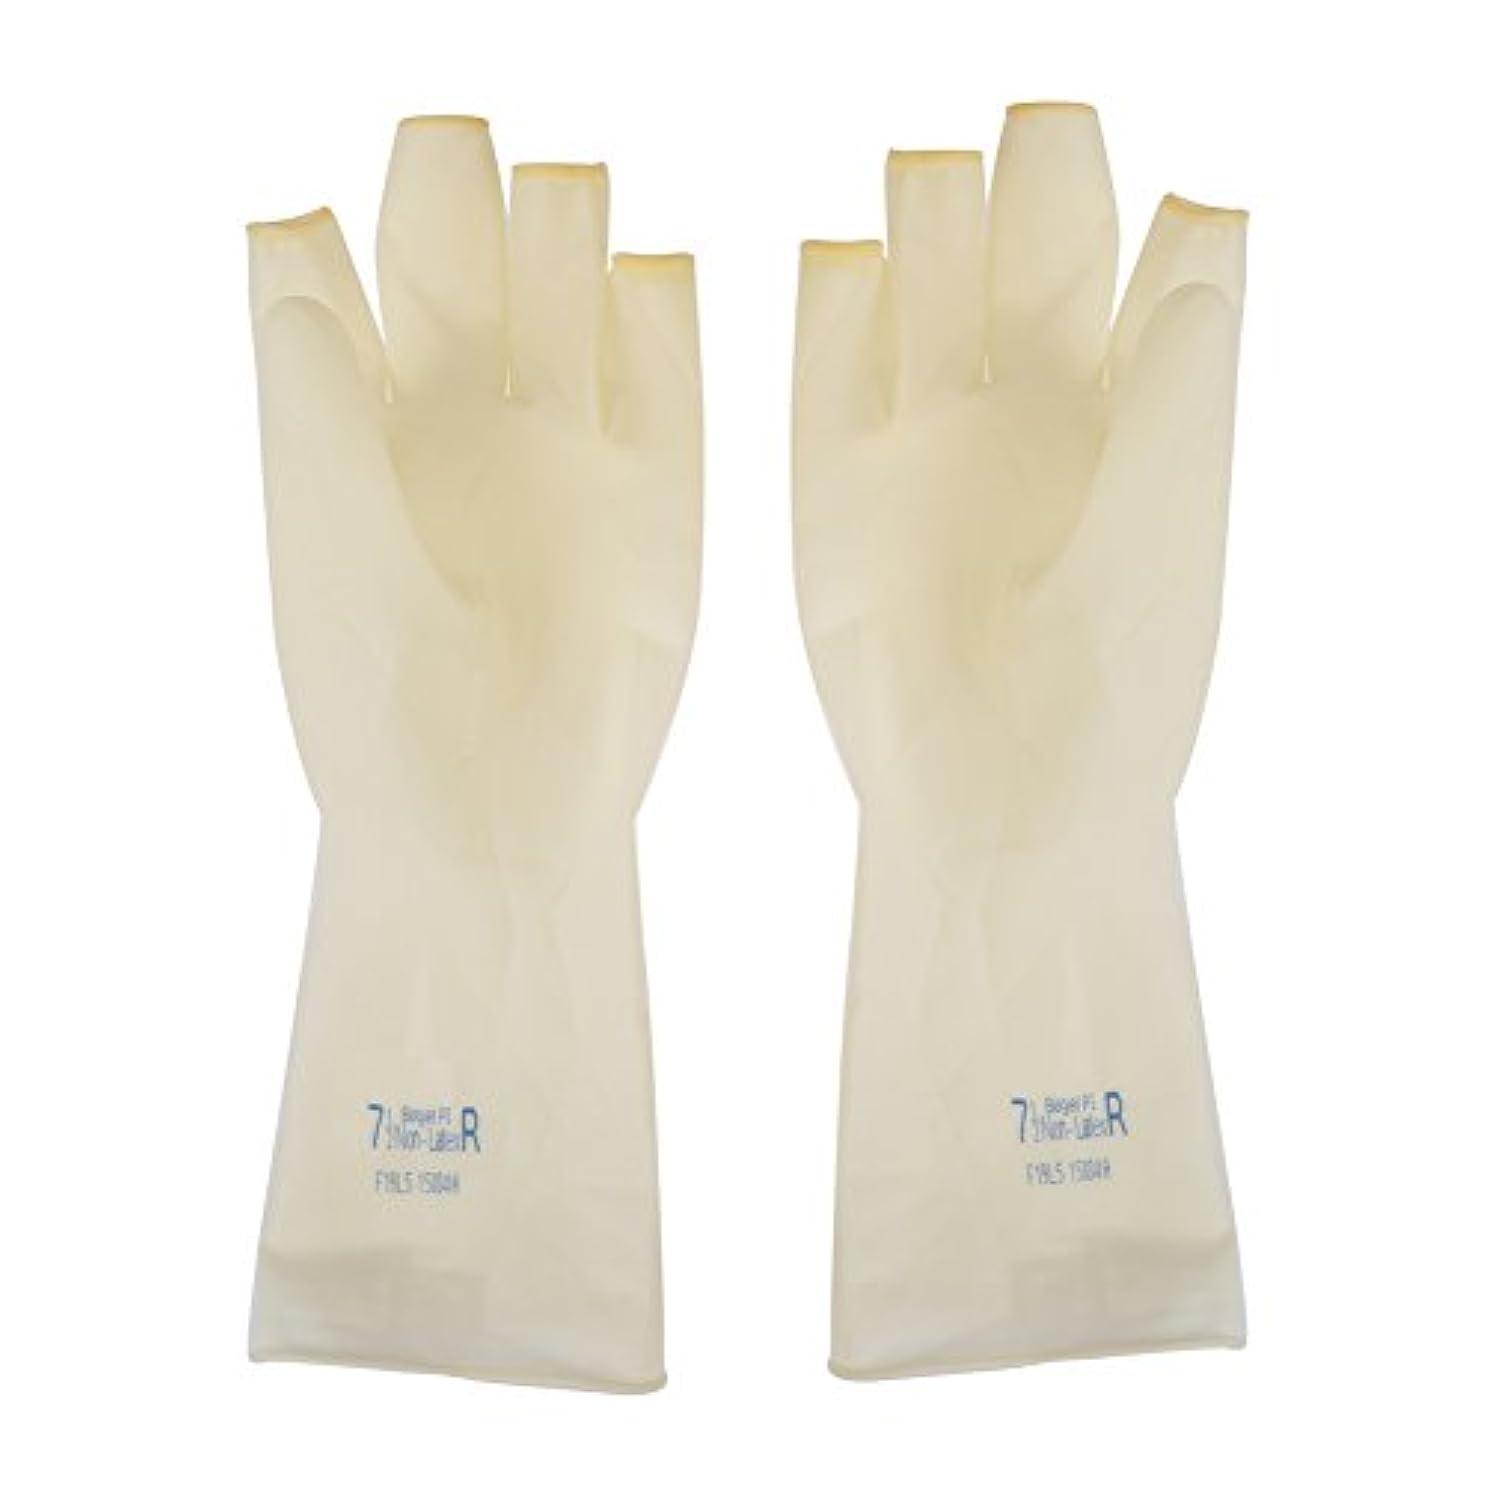 意気込み刈り取る流出AEdiea 1ペア ゴム手袋   毛染め手袋 使い捨て 弾性 伸縮性 ヘアサロン サロンツール (M)